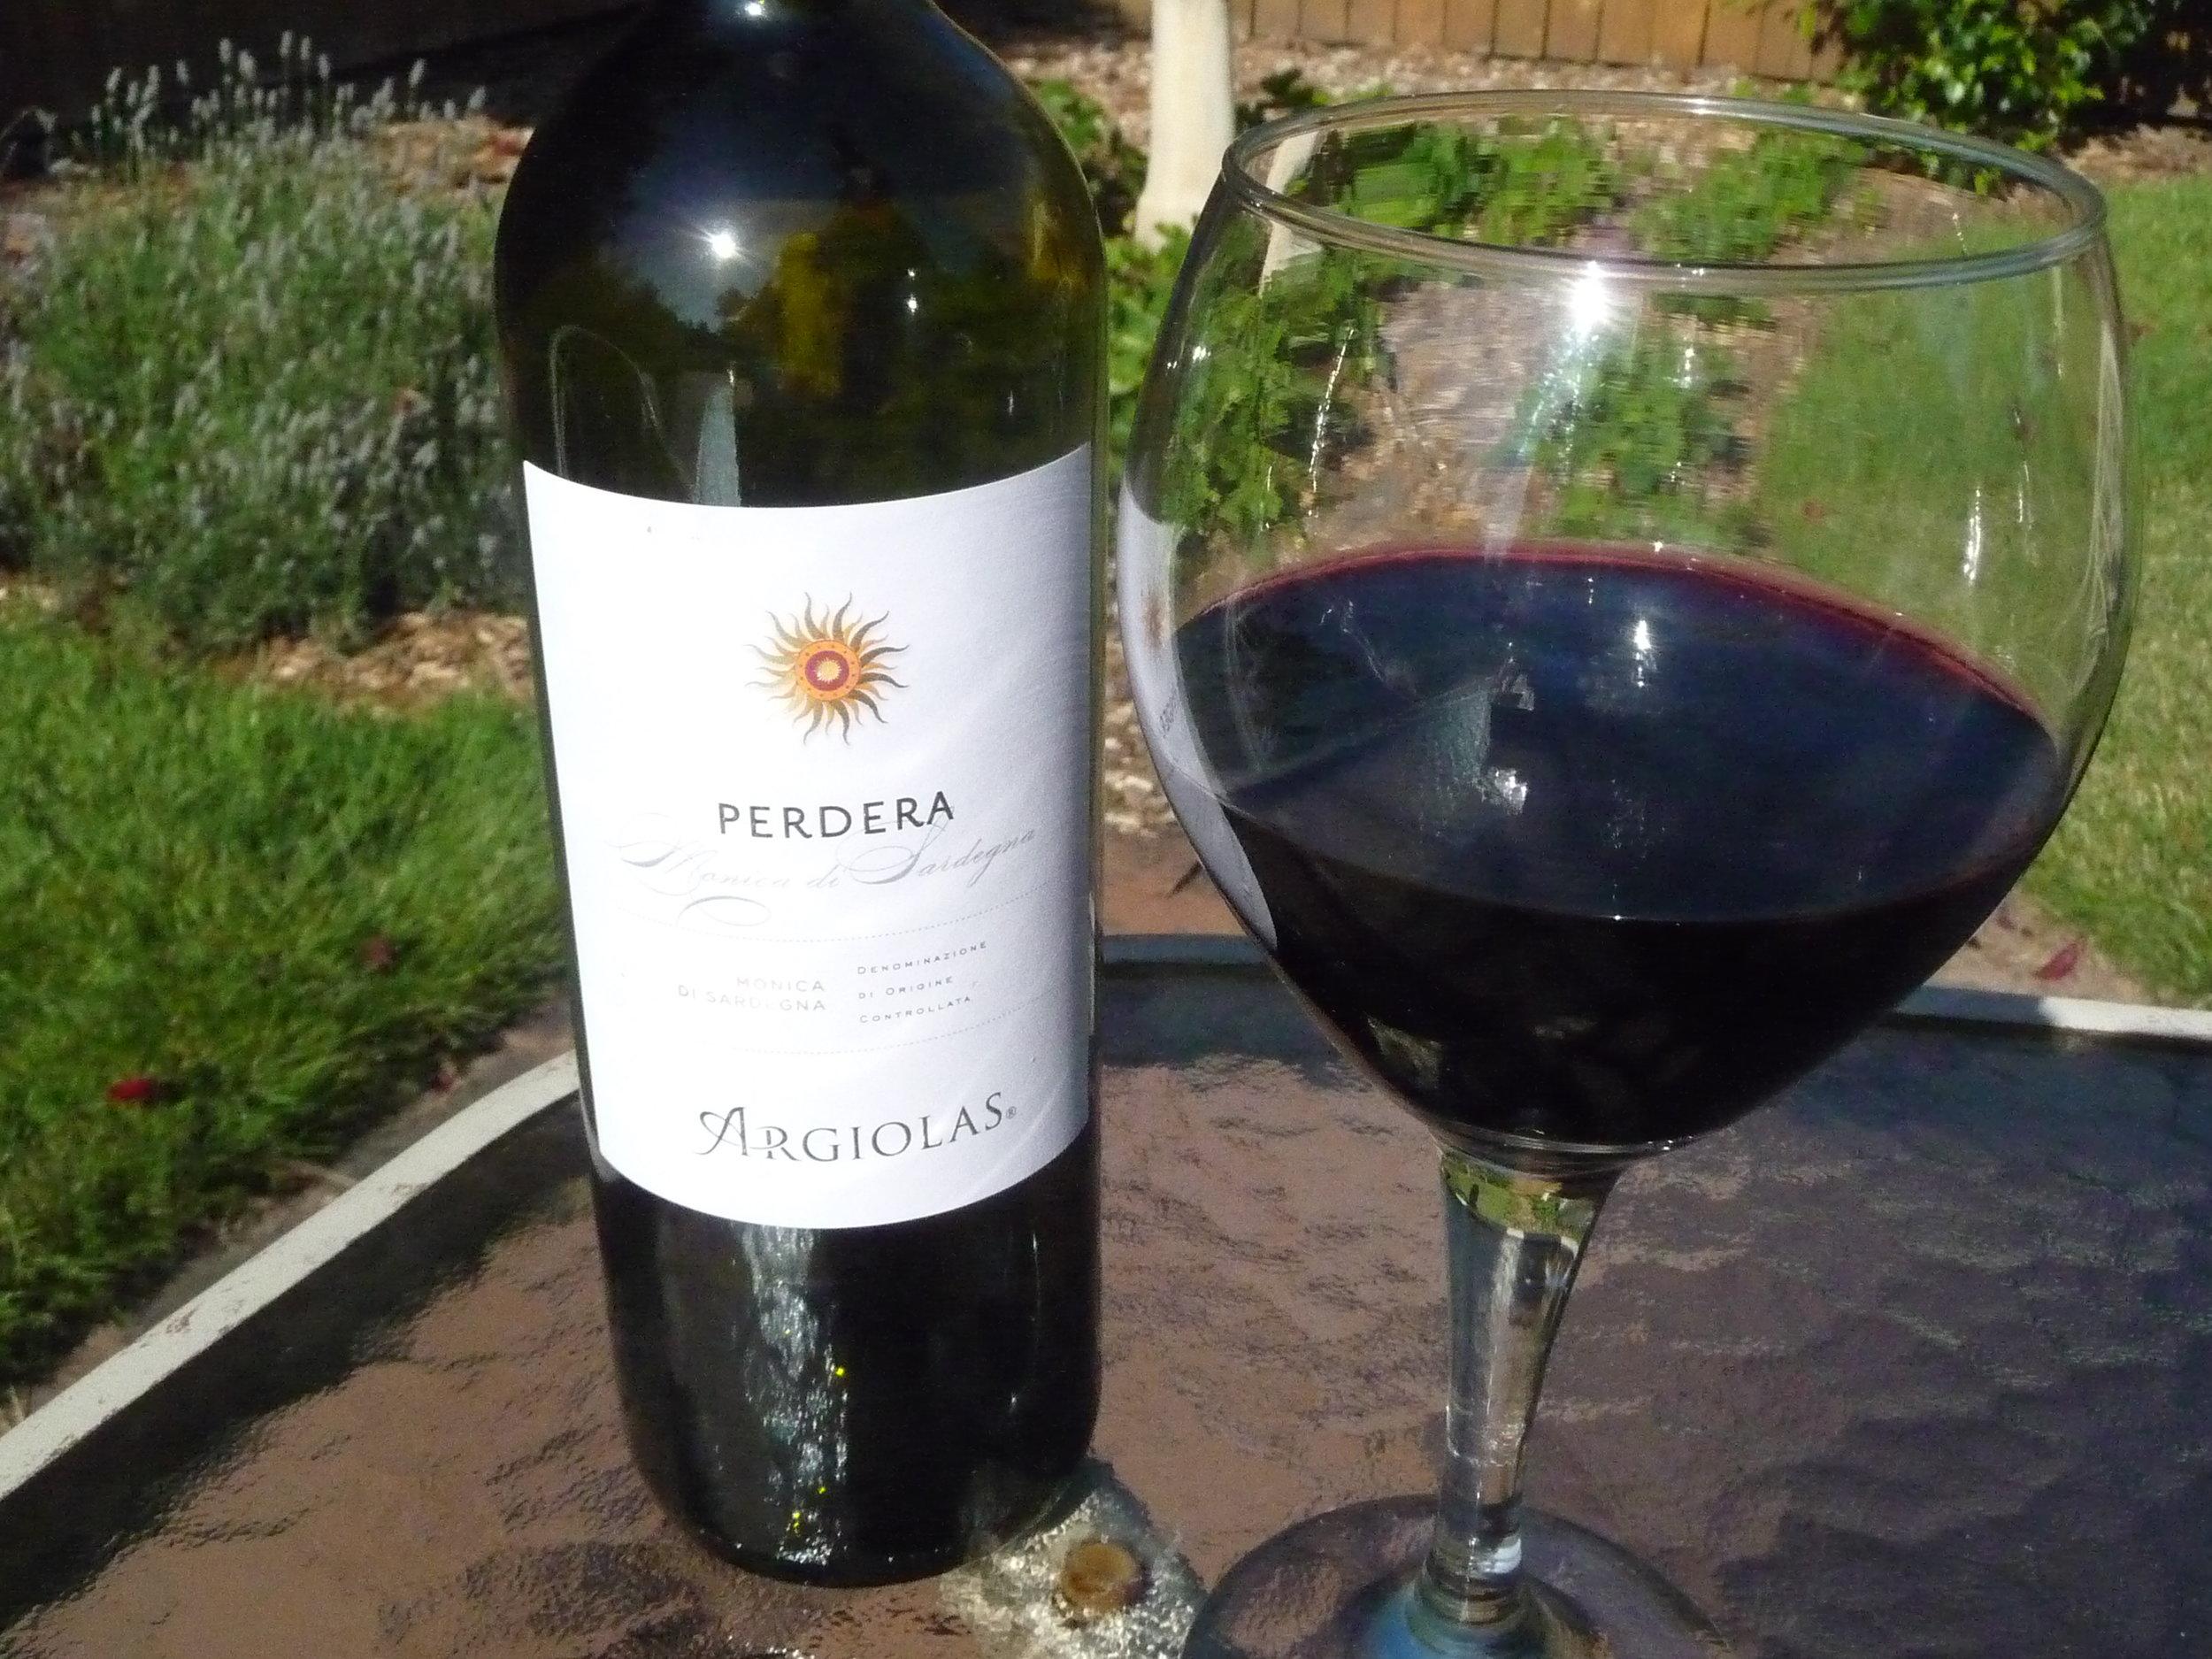 2011 Argiolas-grapes grown on the Italian island of Sardinia